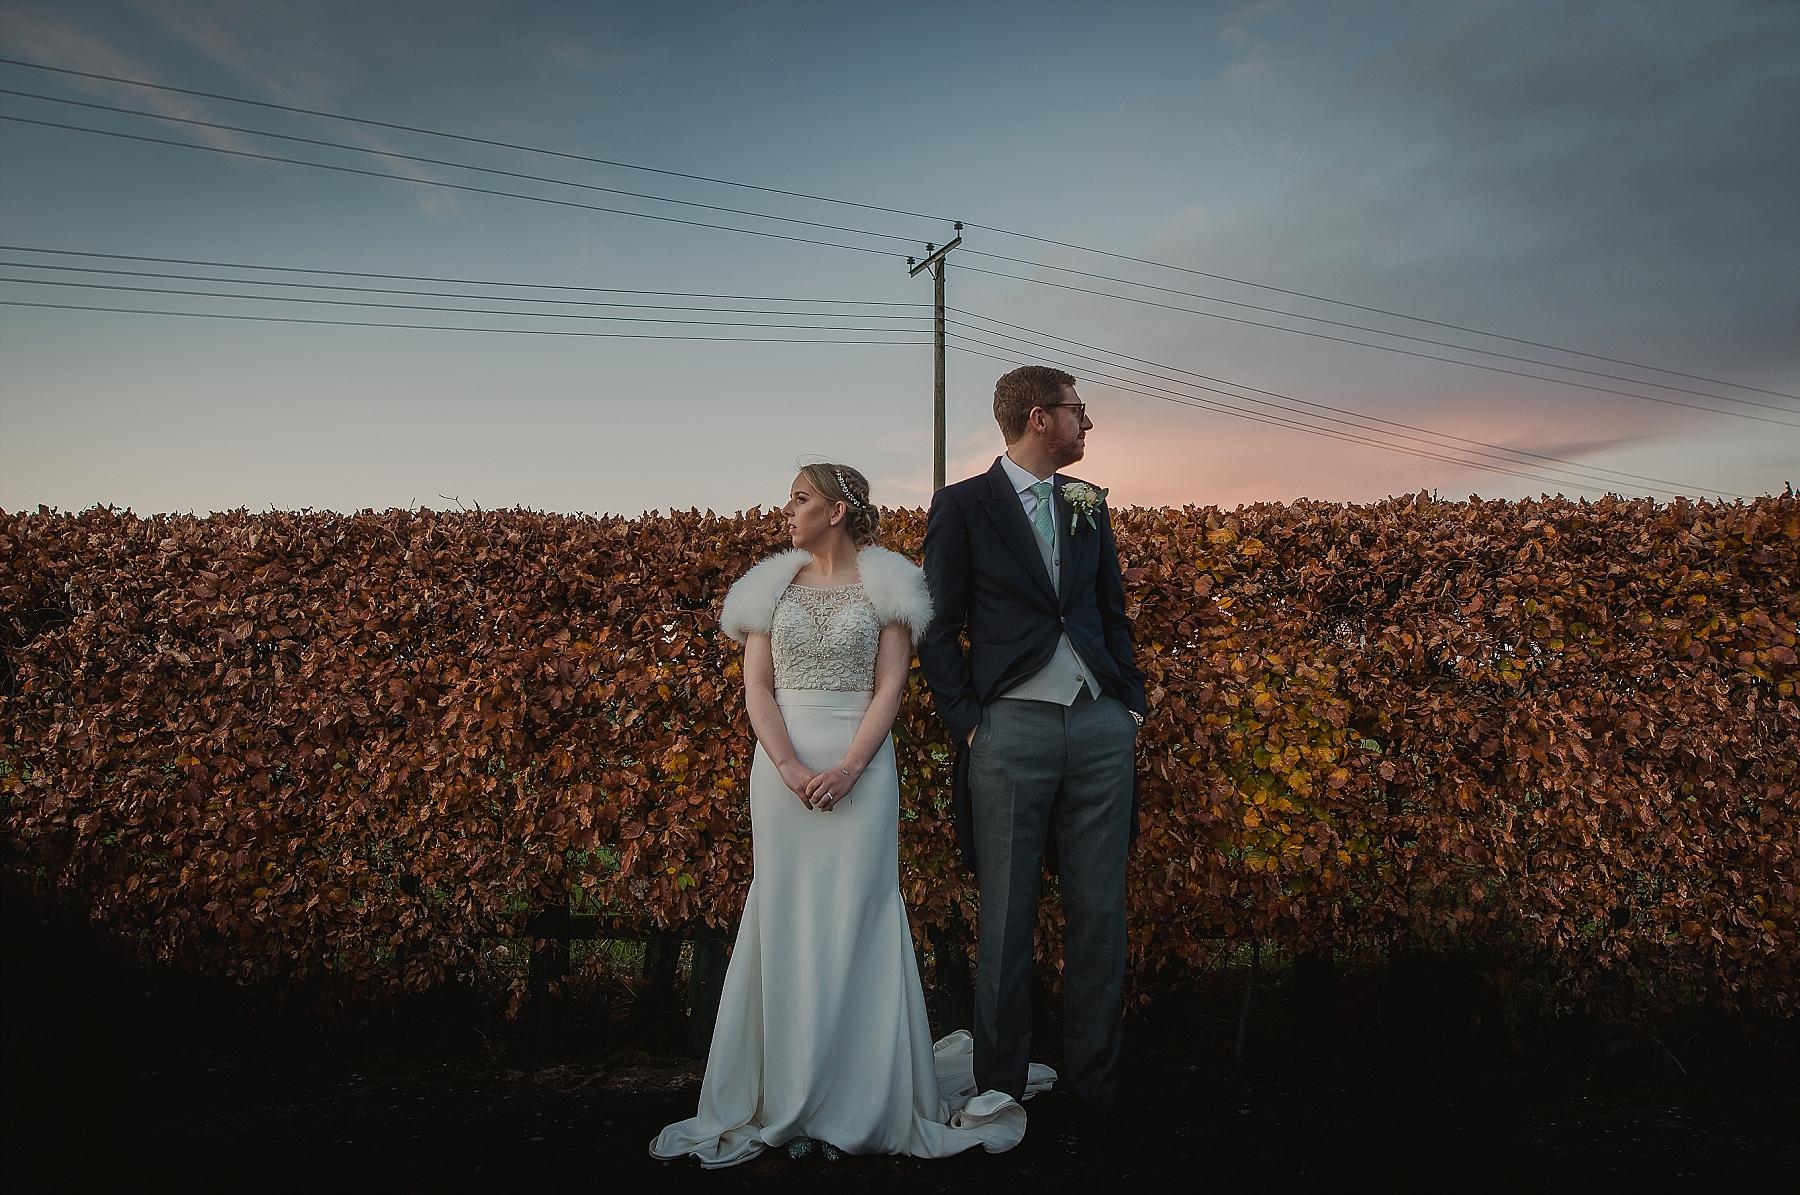 ROZ_RICH_curradine_wedding_0001.jpg